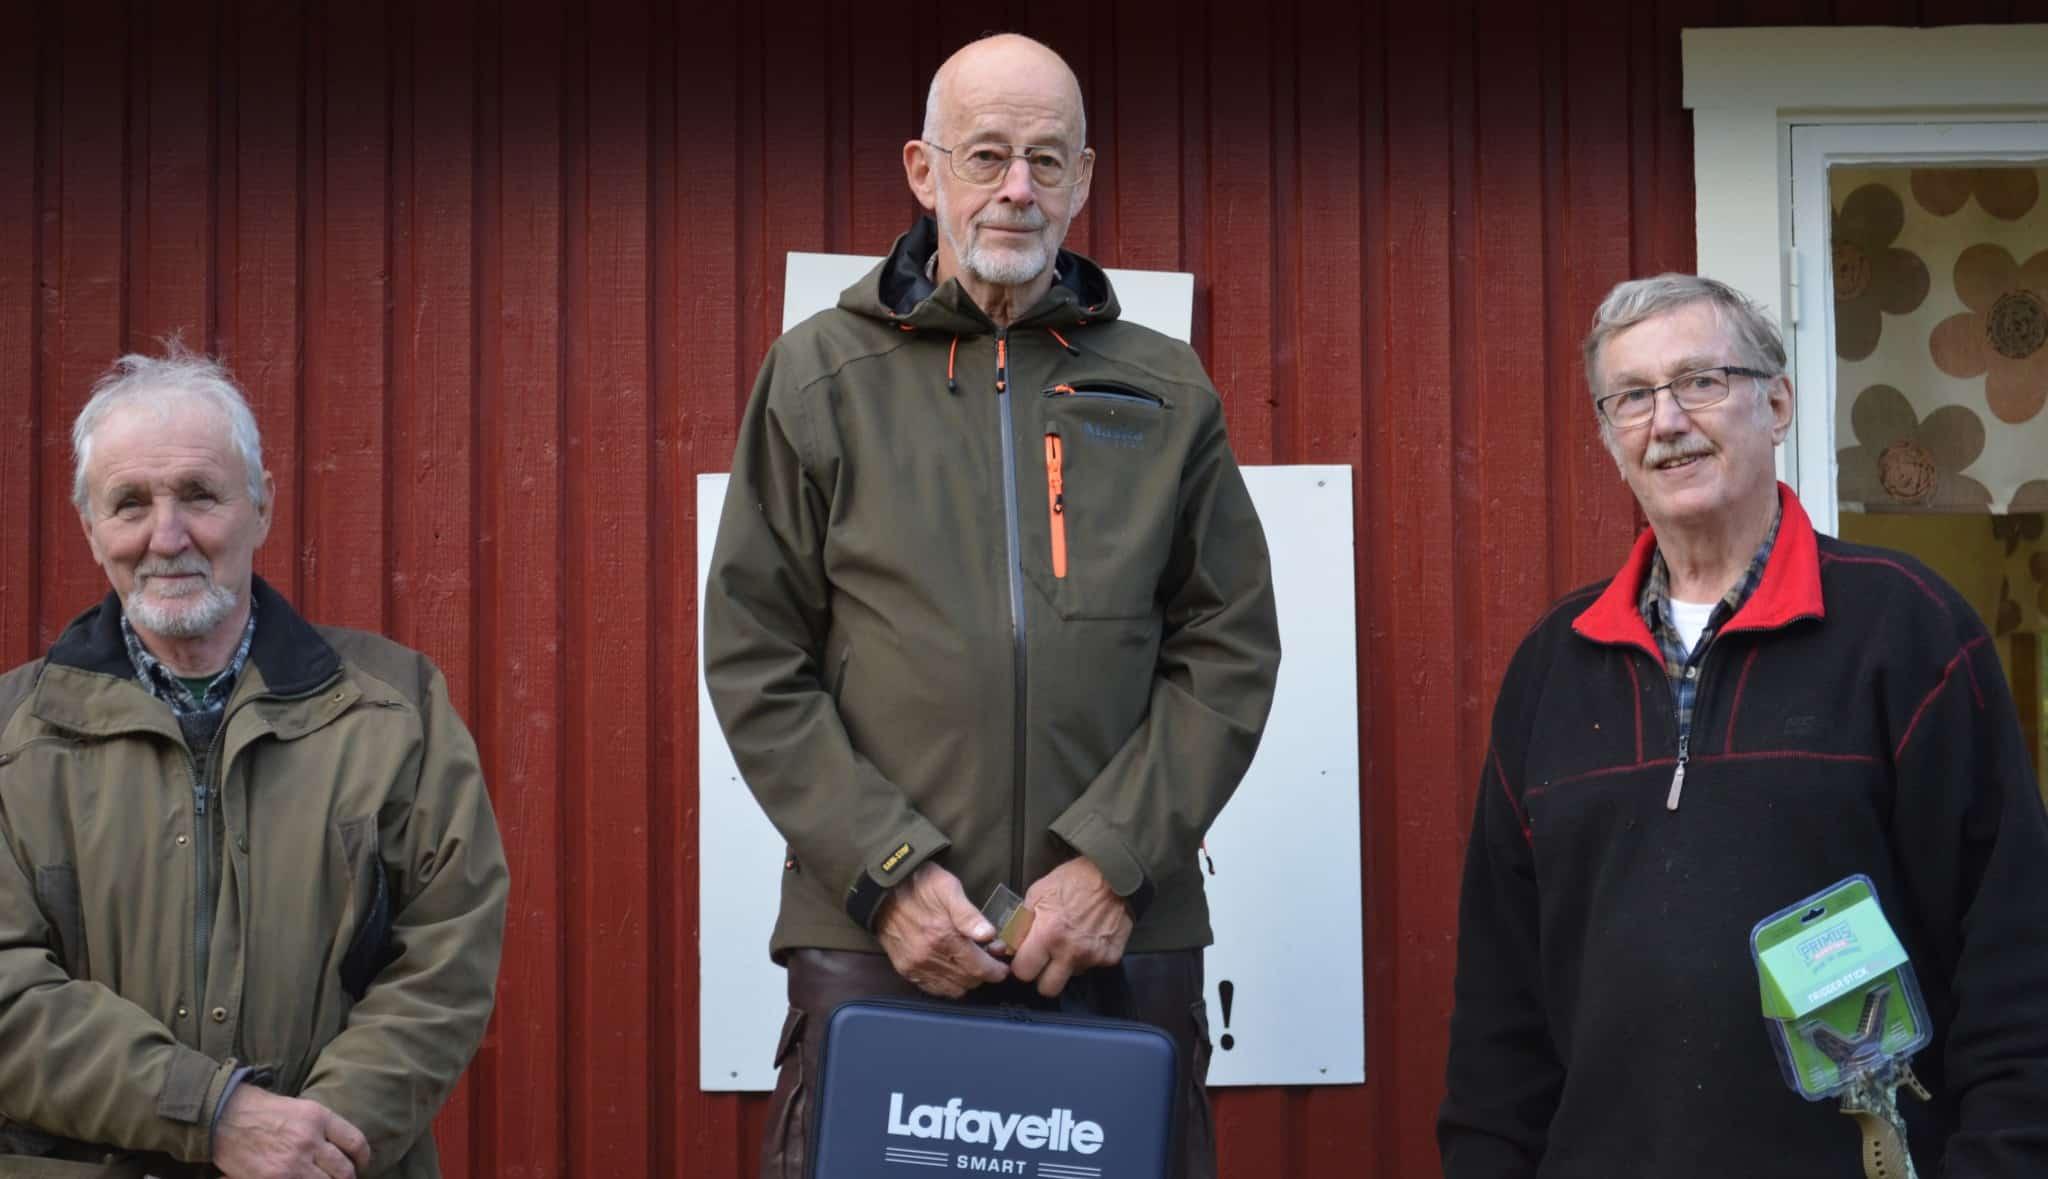 Medaljörerna i veteranklassen. Från vänster: Silver till Kent Assarsson och guld till Peter Norberg samt brons till Kent Andersson.